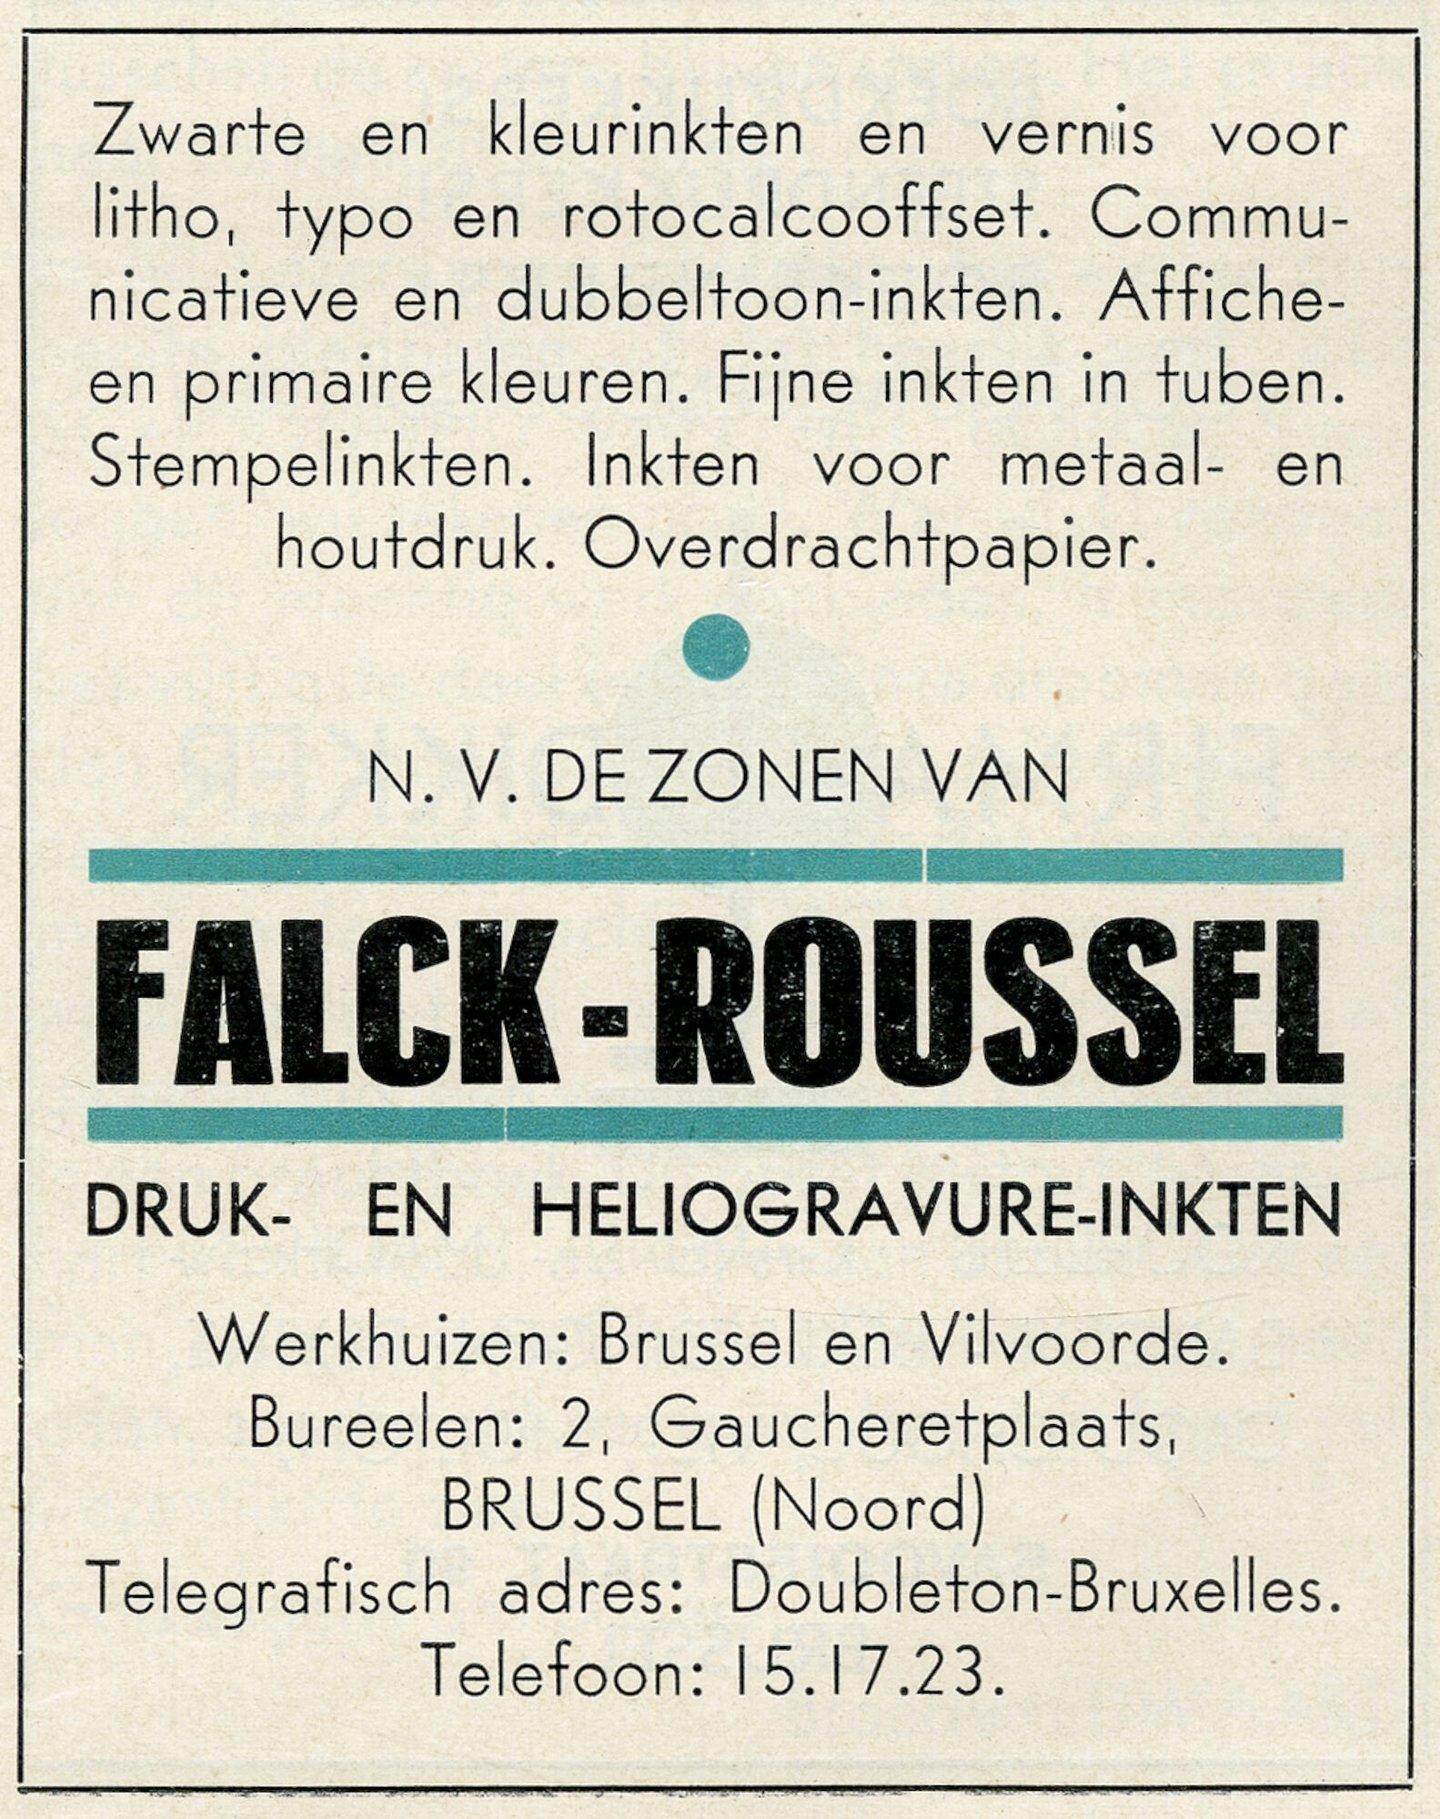 Reclame voor drukinkt van het merk Falck-Roussel